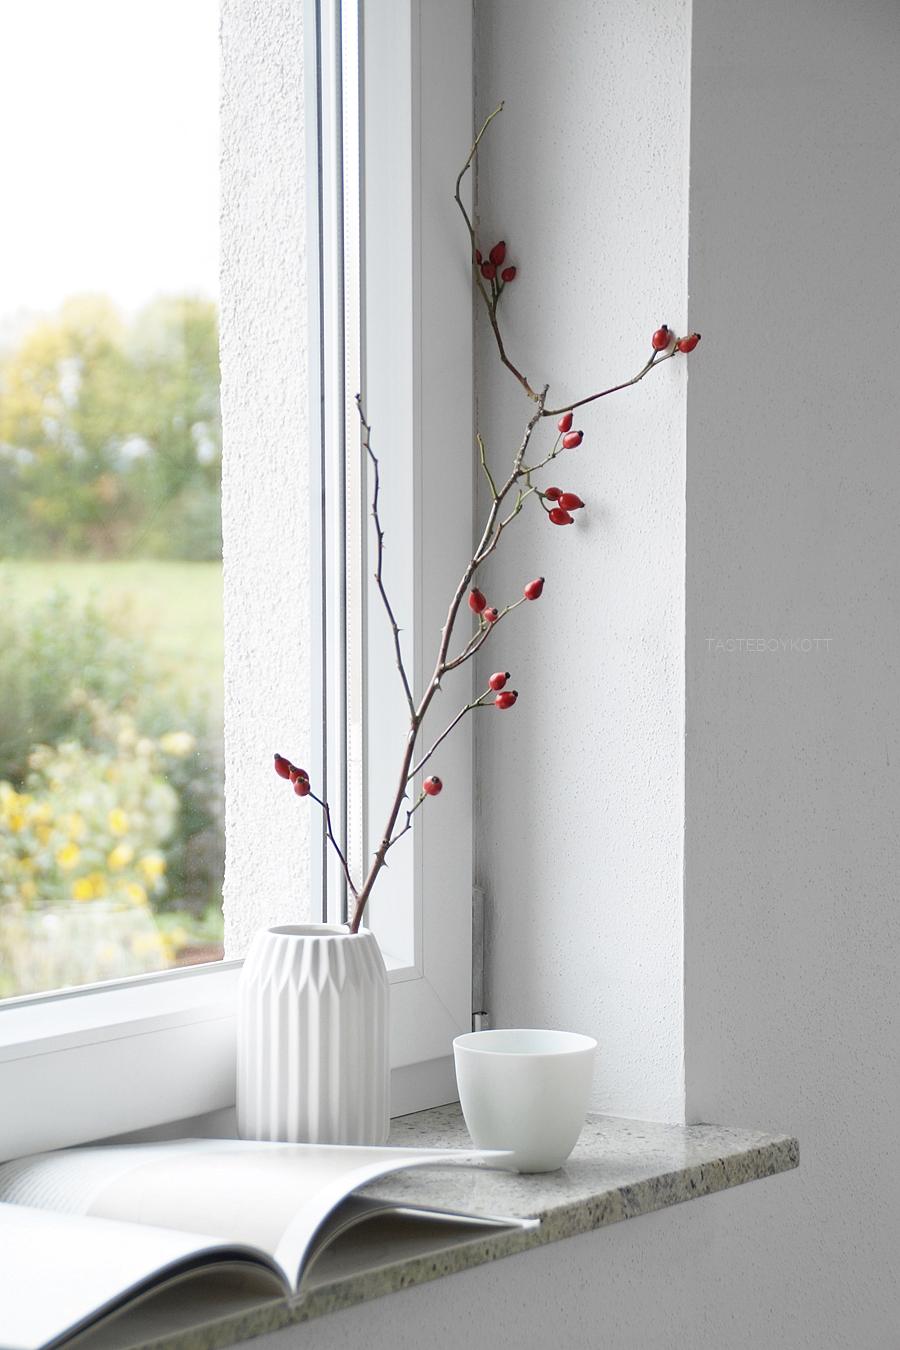 Herbstdeko mit Hagebutten in der Vase